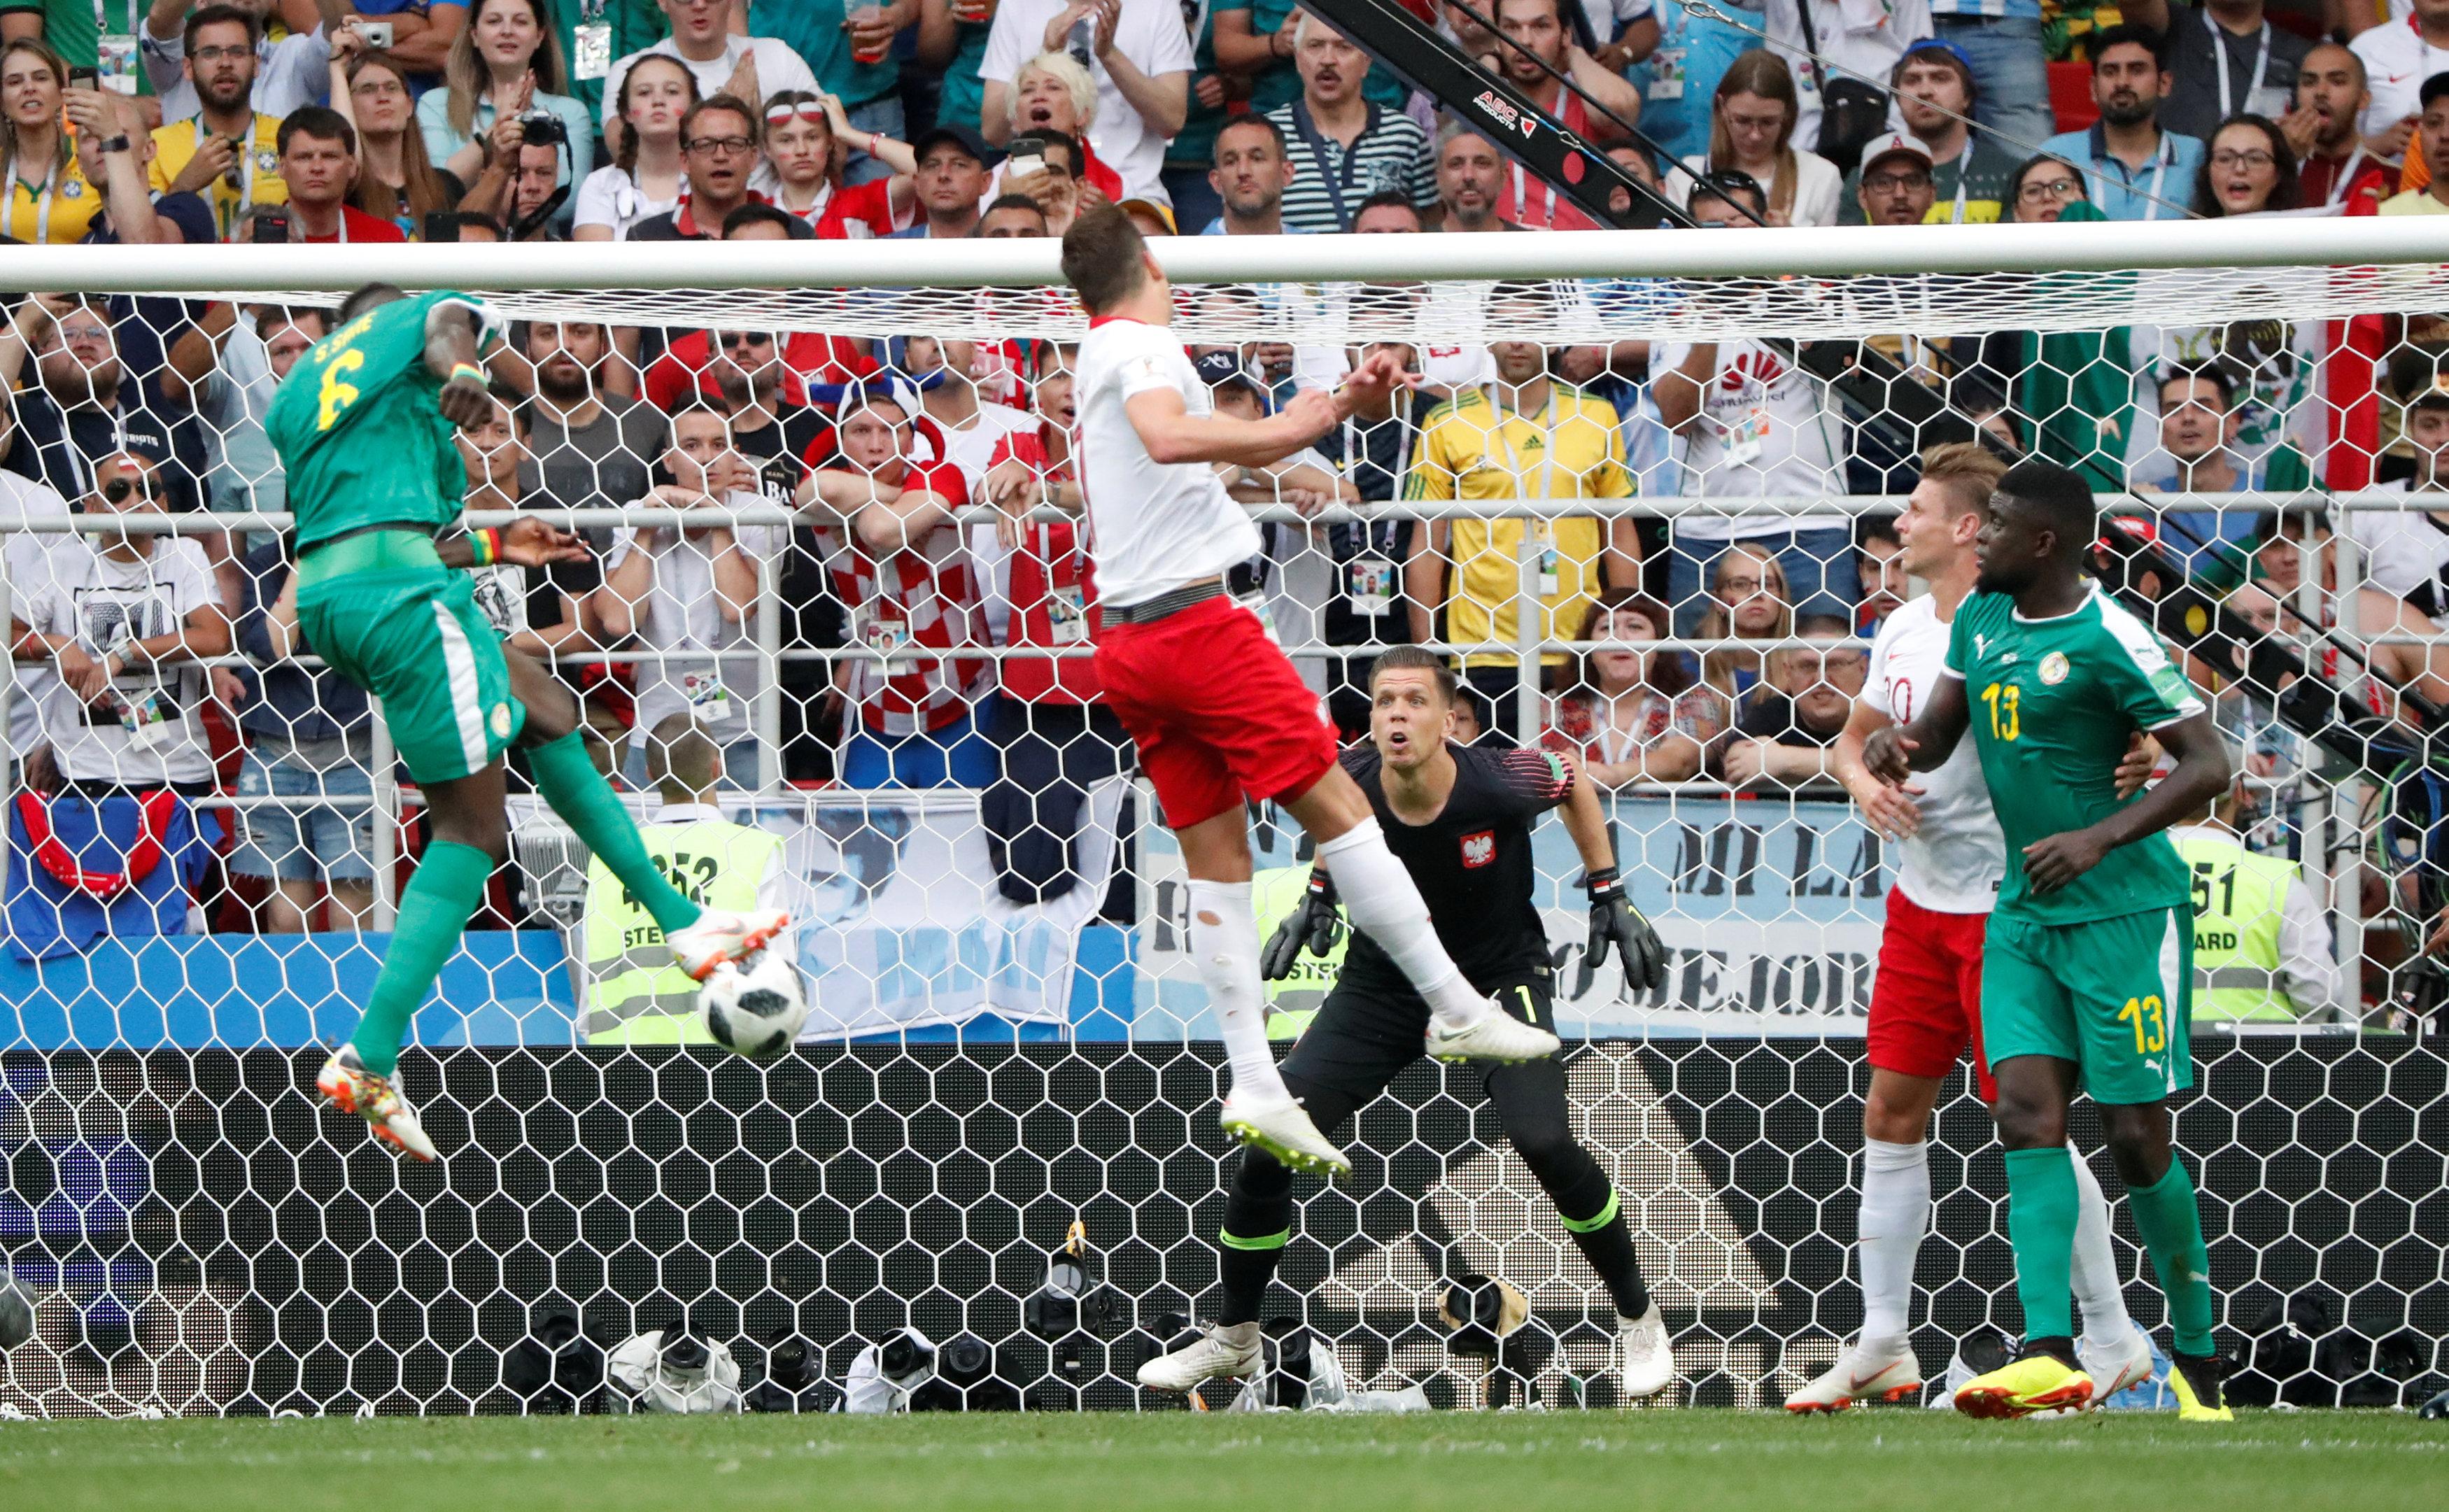 Senegalpunish Polish errors to win 2-1 in Group H